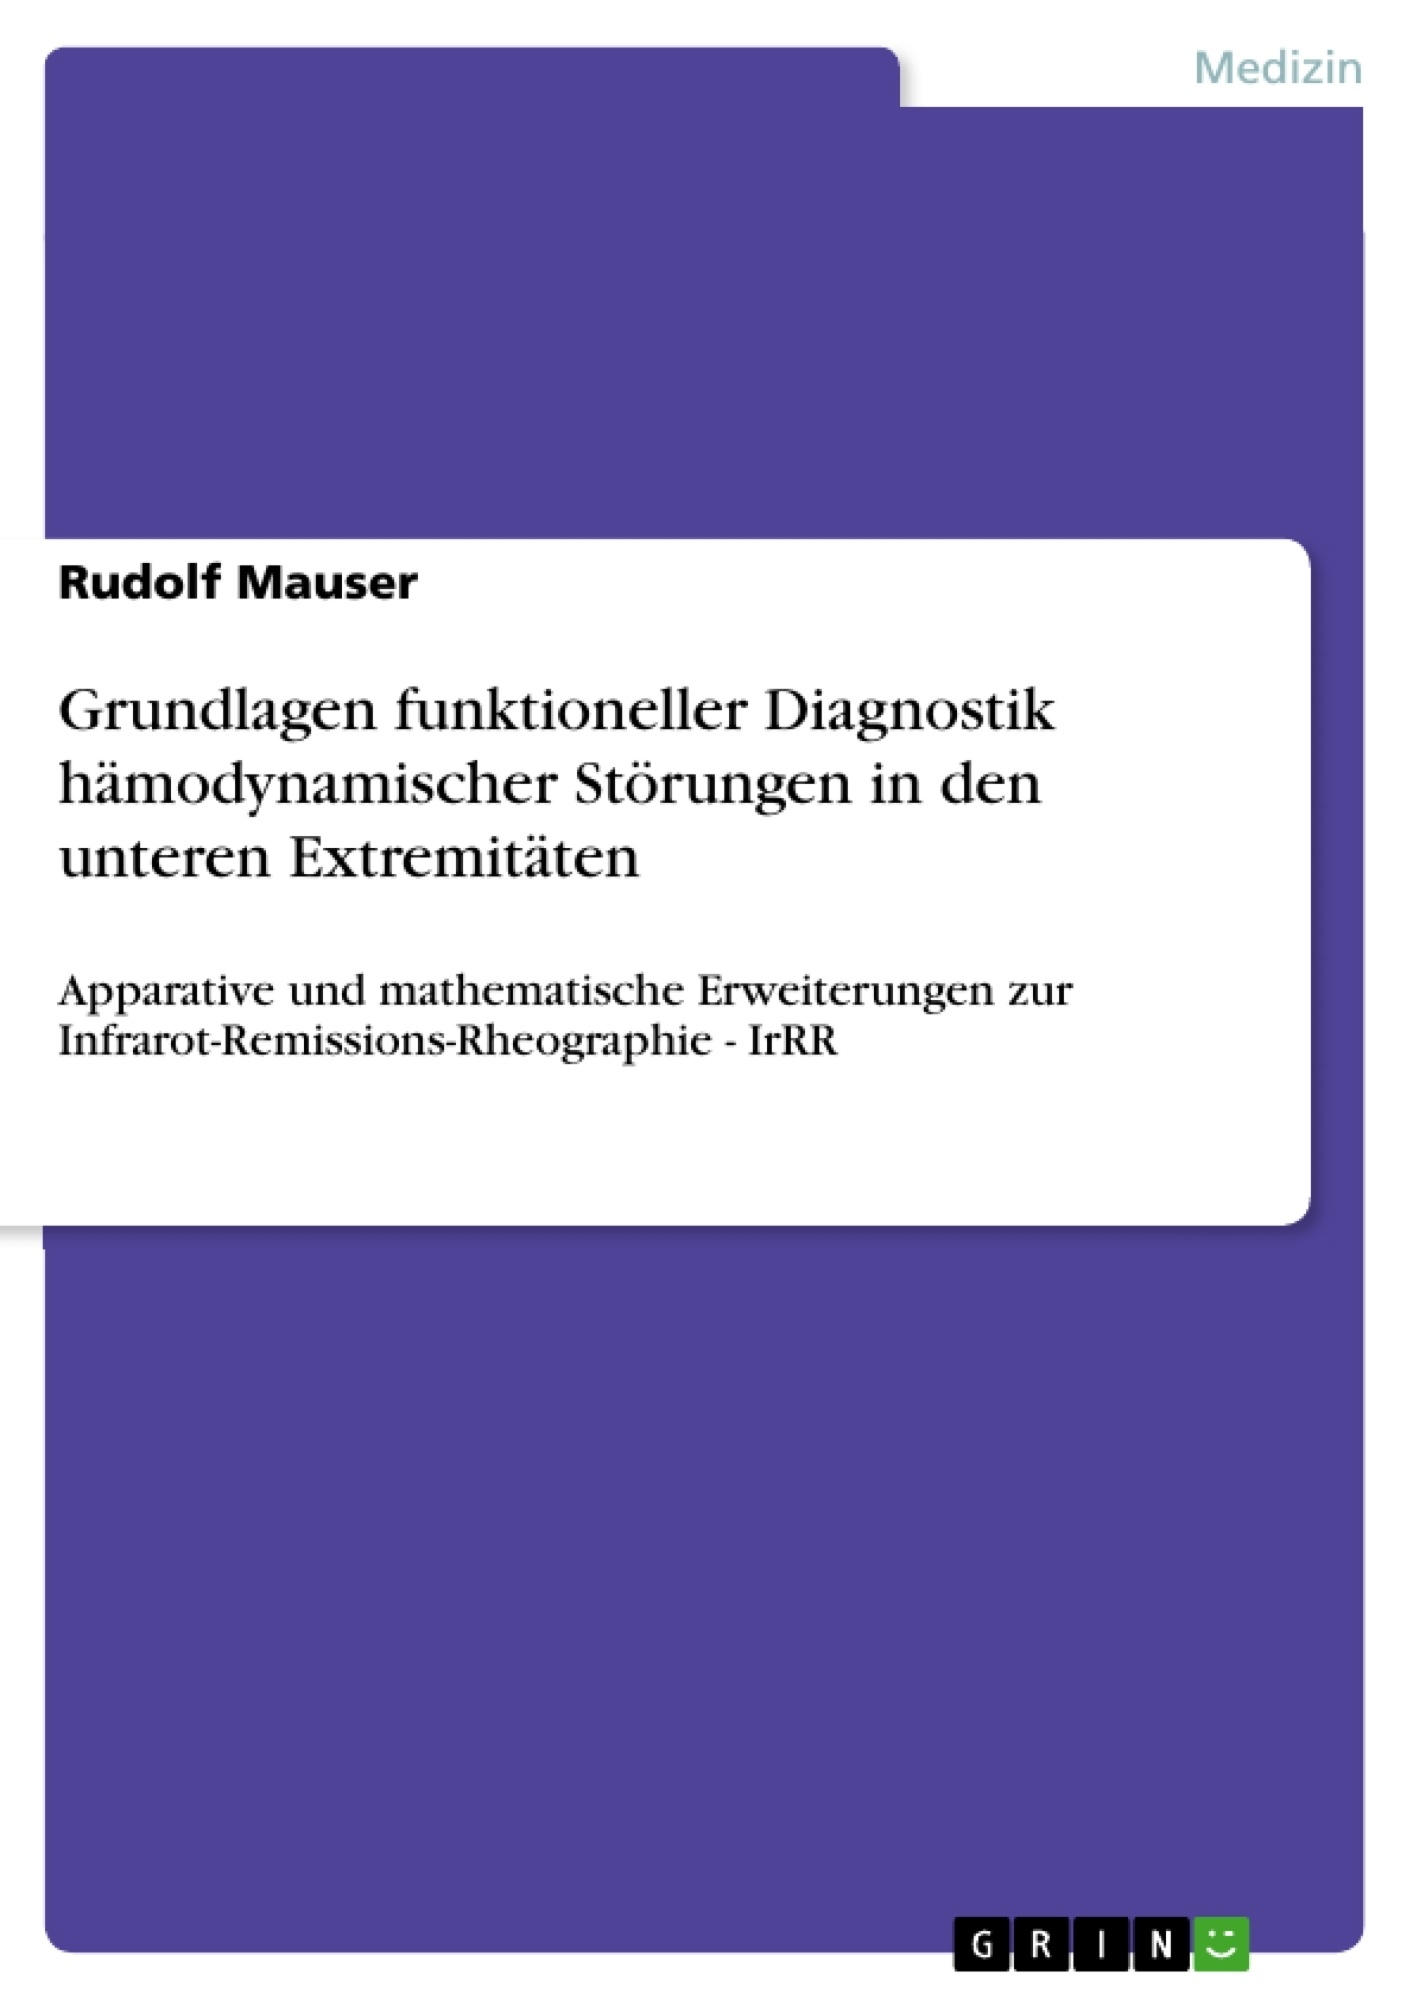 Titel: Grundlagen funktioneller Diagnostik hämodynamischer Störungen in den unteren Extremitäten